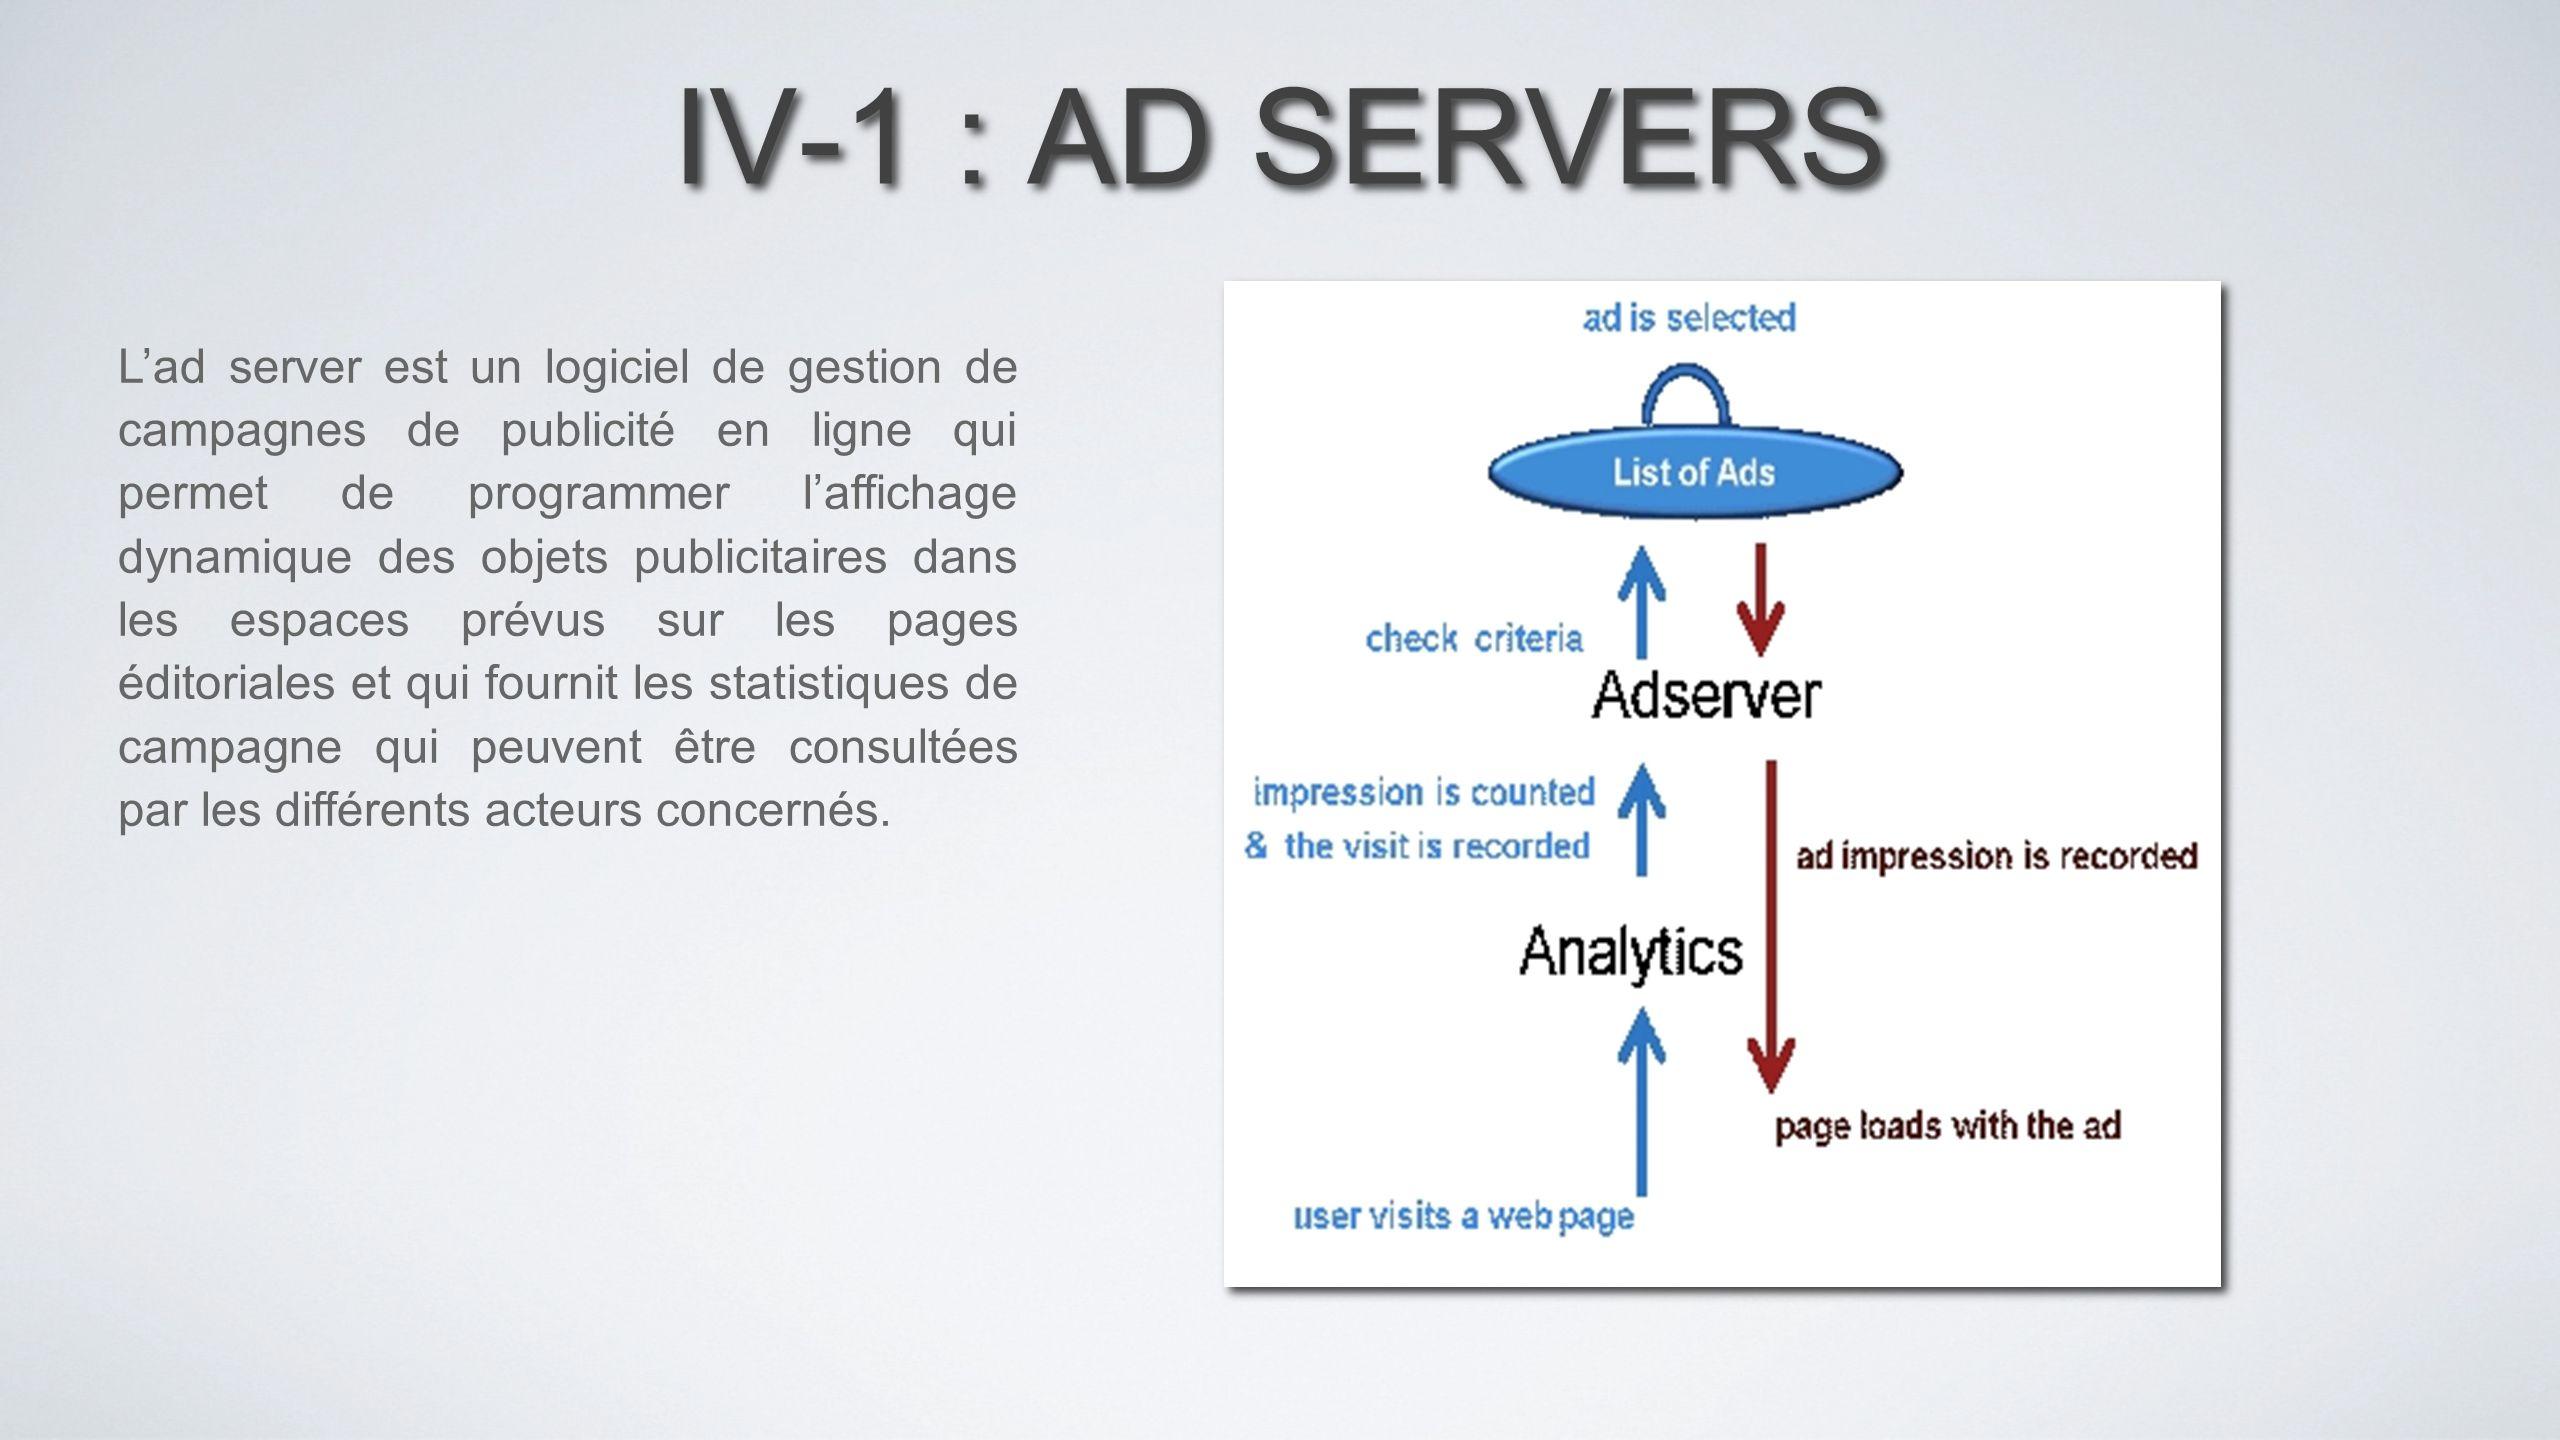 IV-1 : AD SERVERS